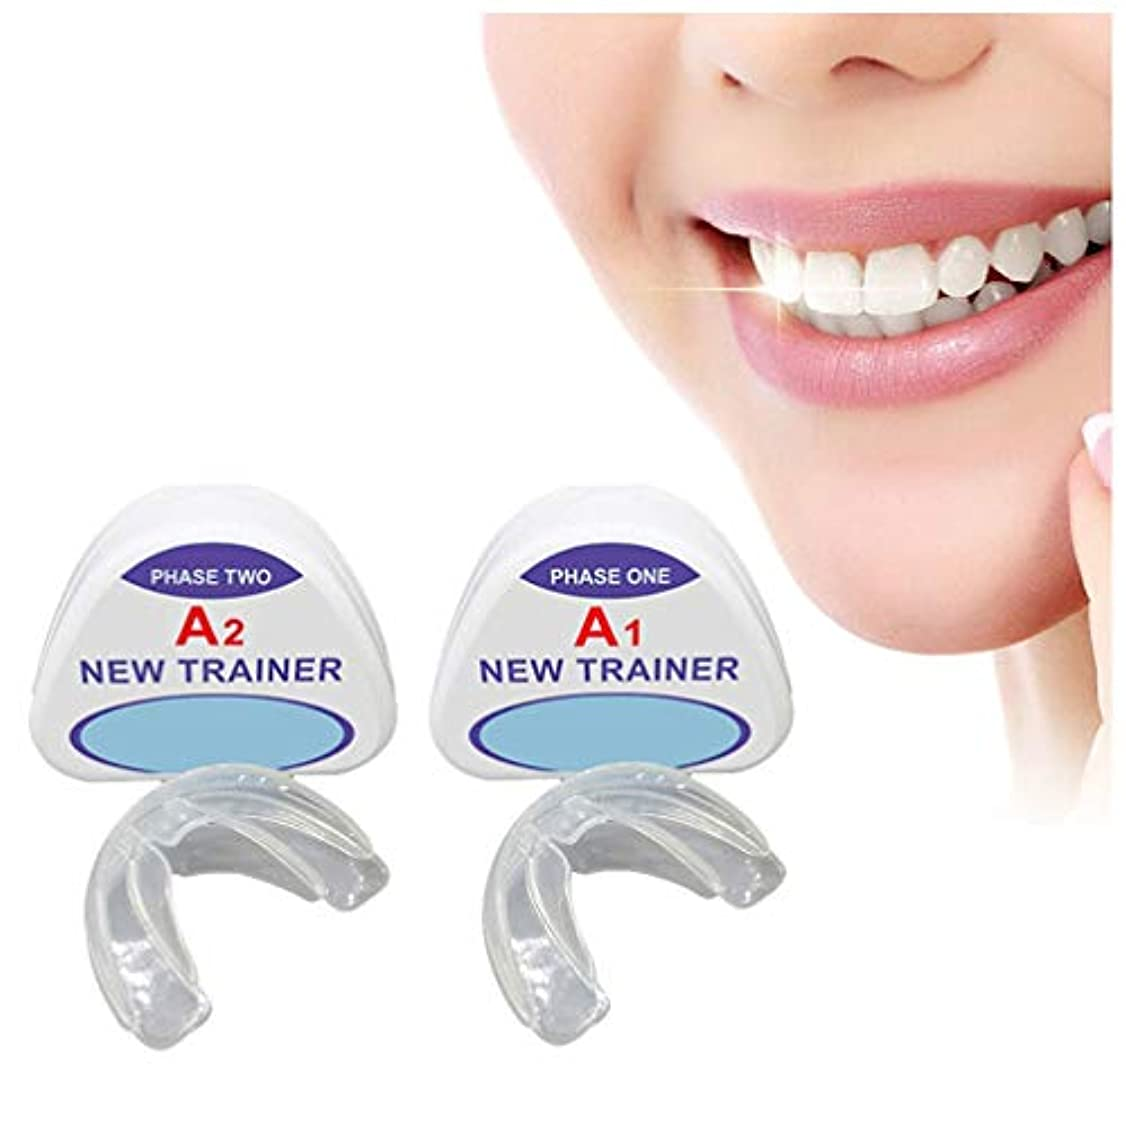 スプリットするだろう環境歯列矯正トレーナーリテーナー、歯科用マウスガード歯列矯正器具、歯用器具夜予防臼歯ブレース